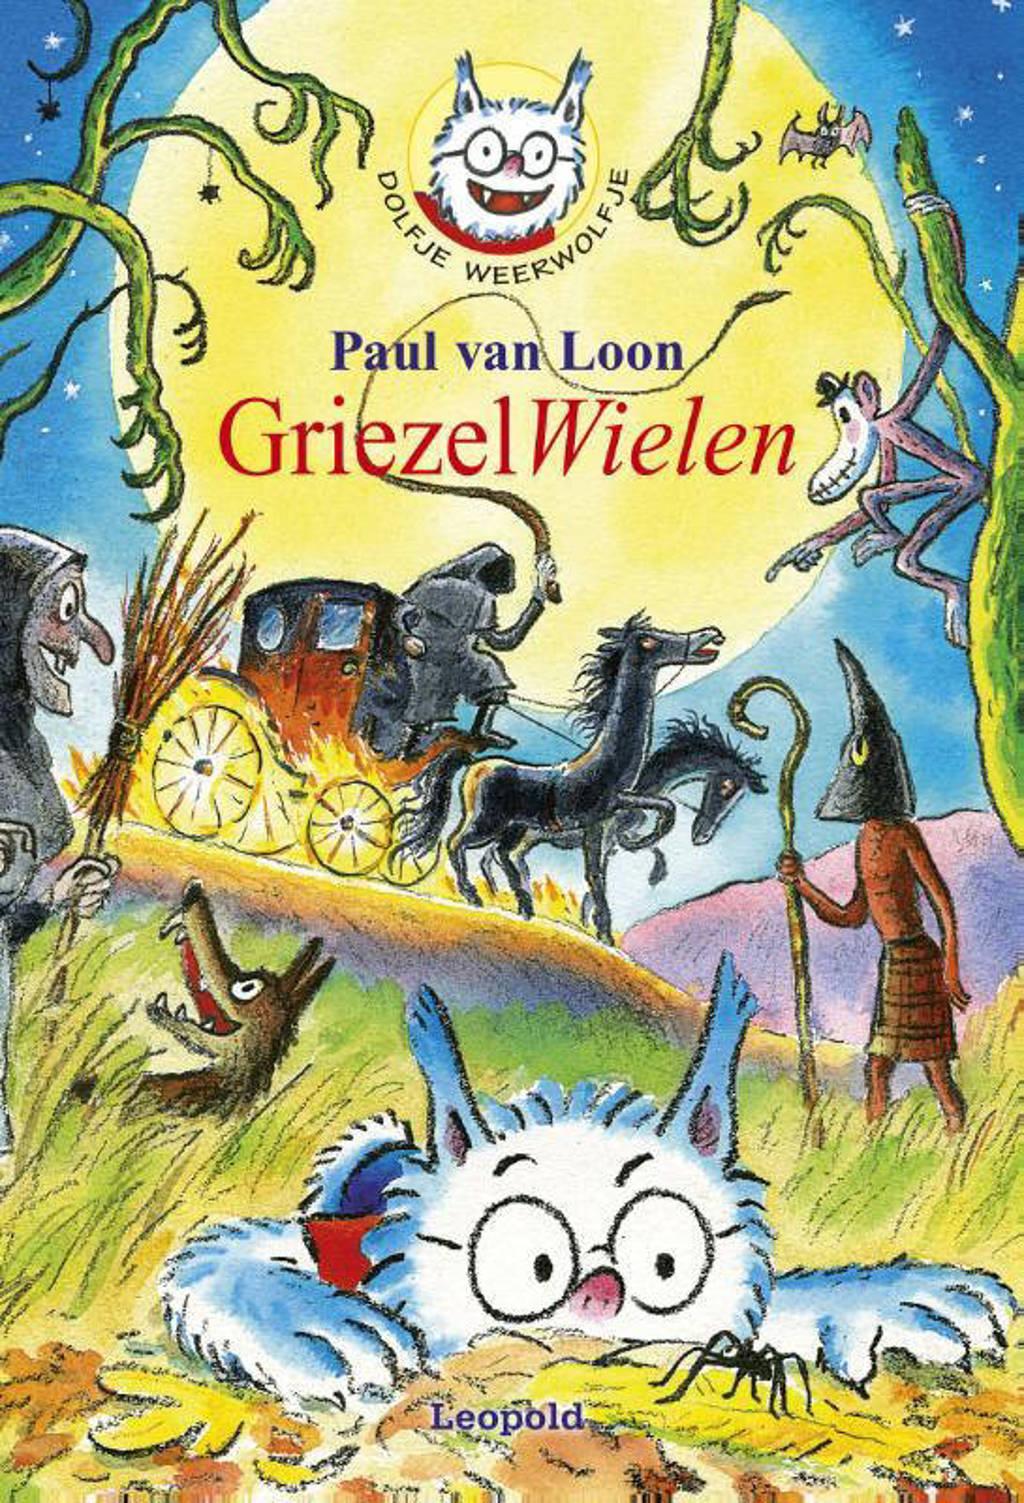 Dolfje Weerwolfje: GriezelWielen - Paul van Loon